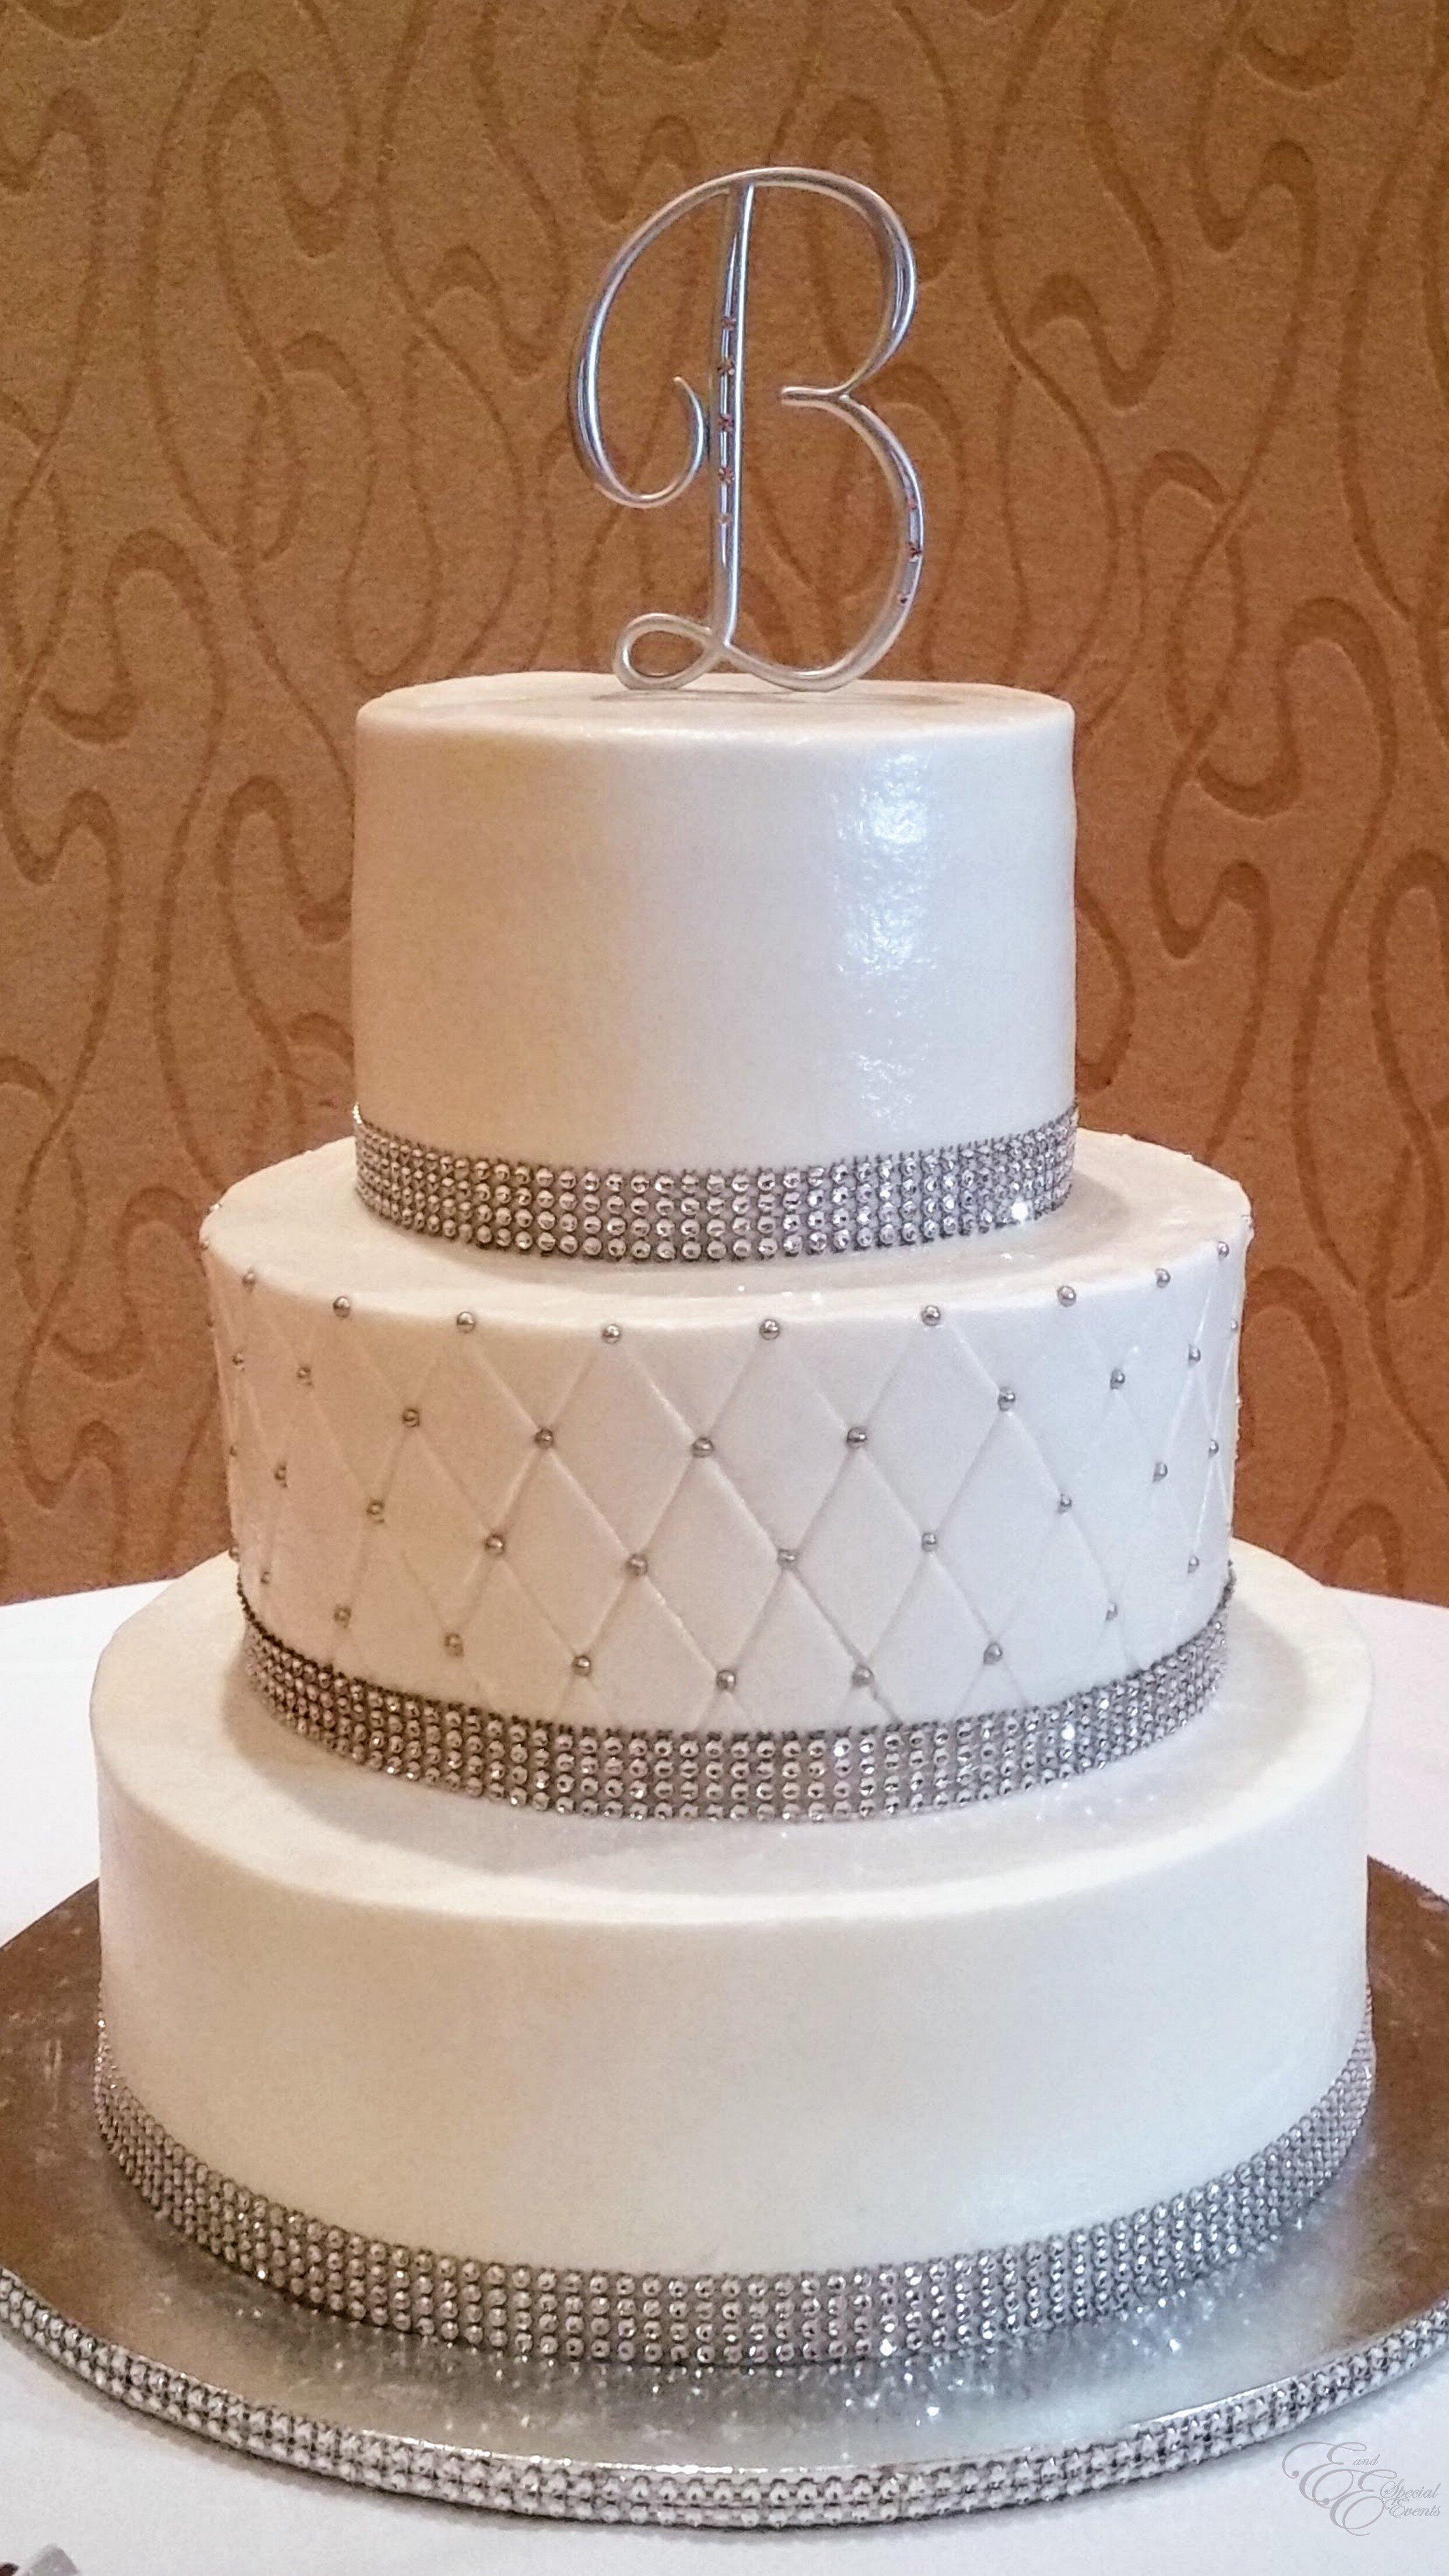 wedding_cakes_E_and_E_Special_Events_virginia_beach_46.jpg